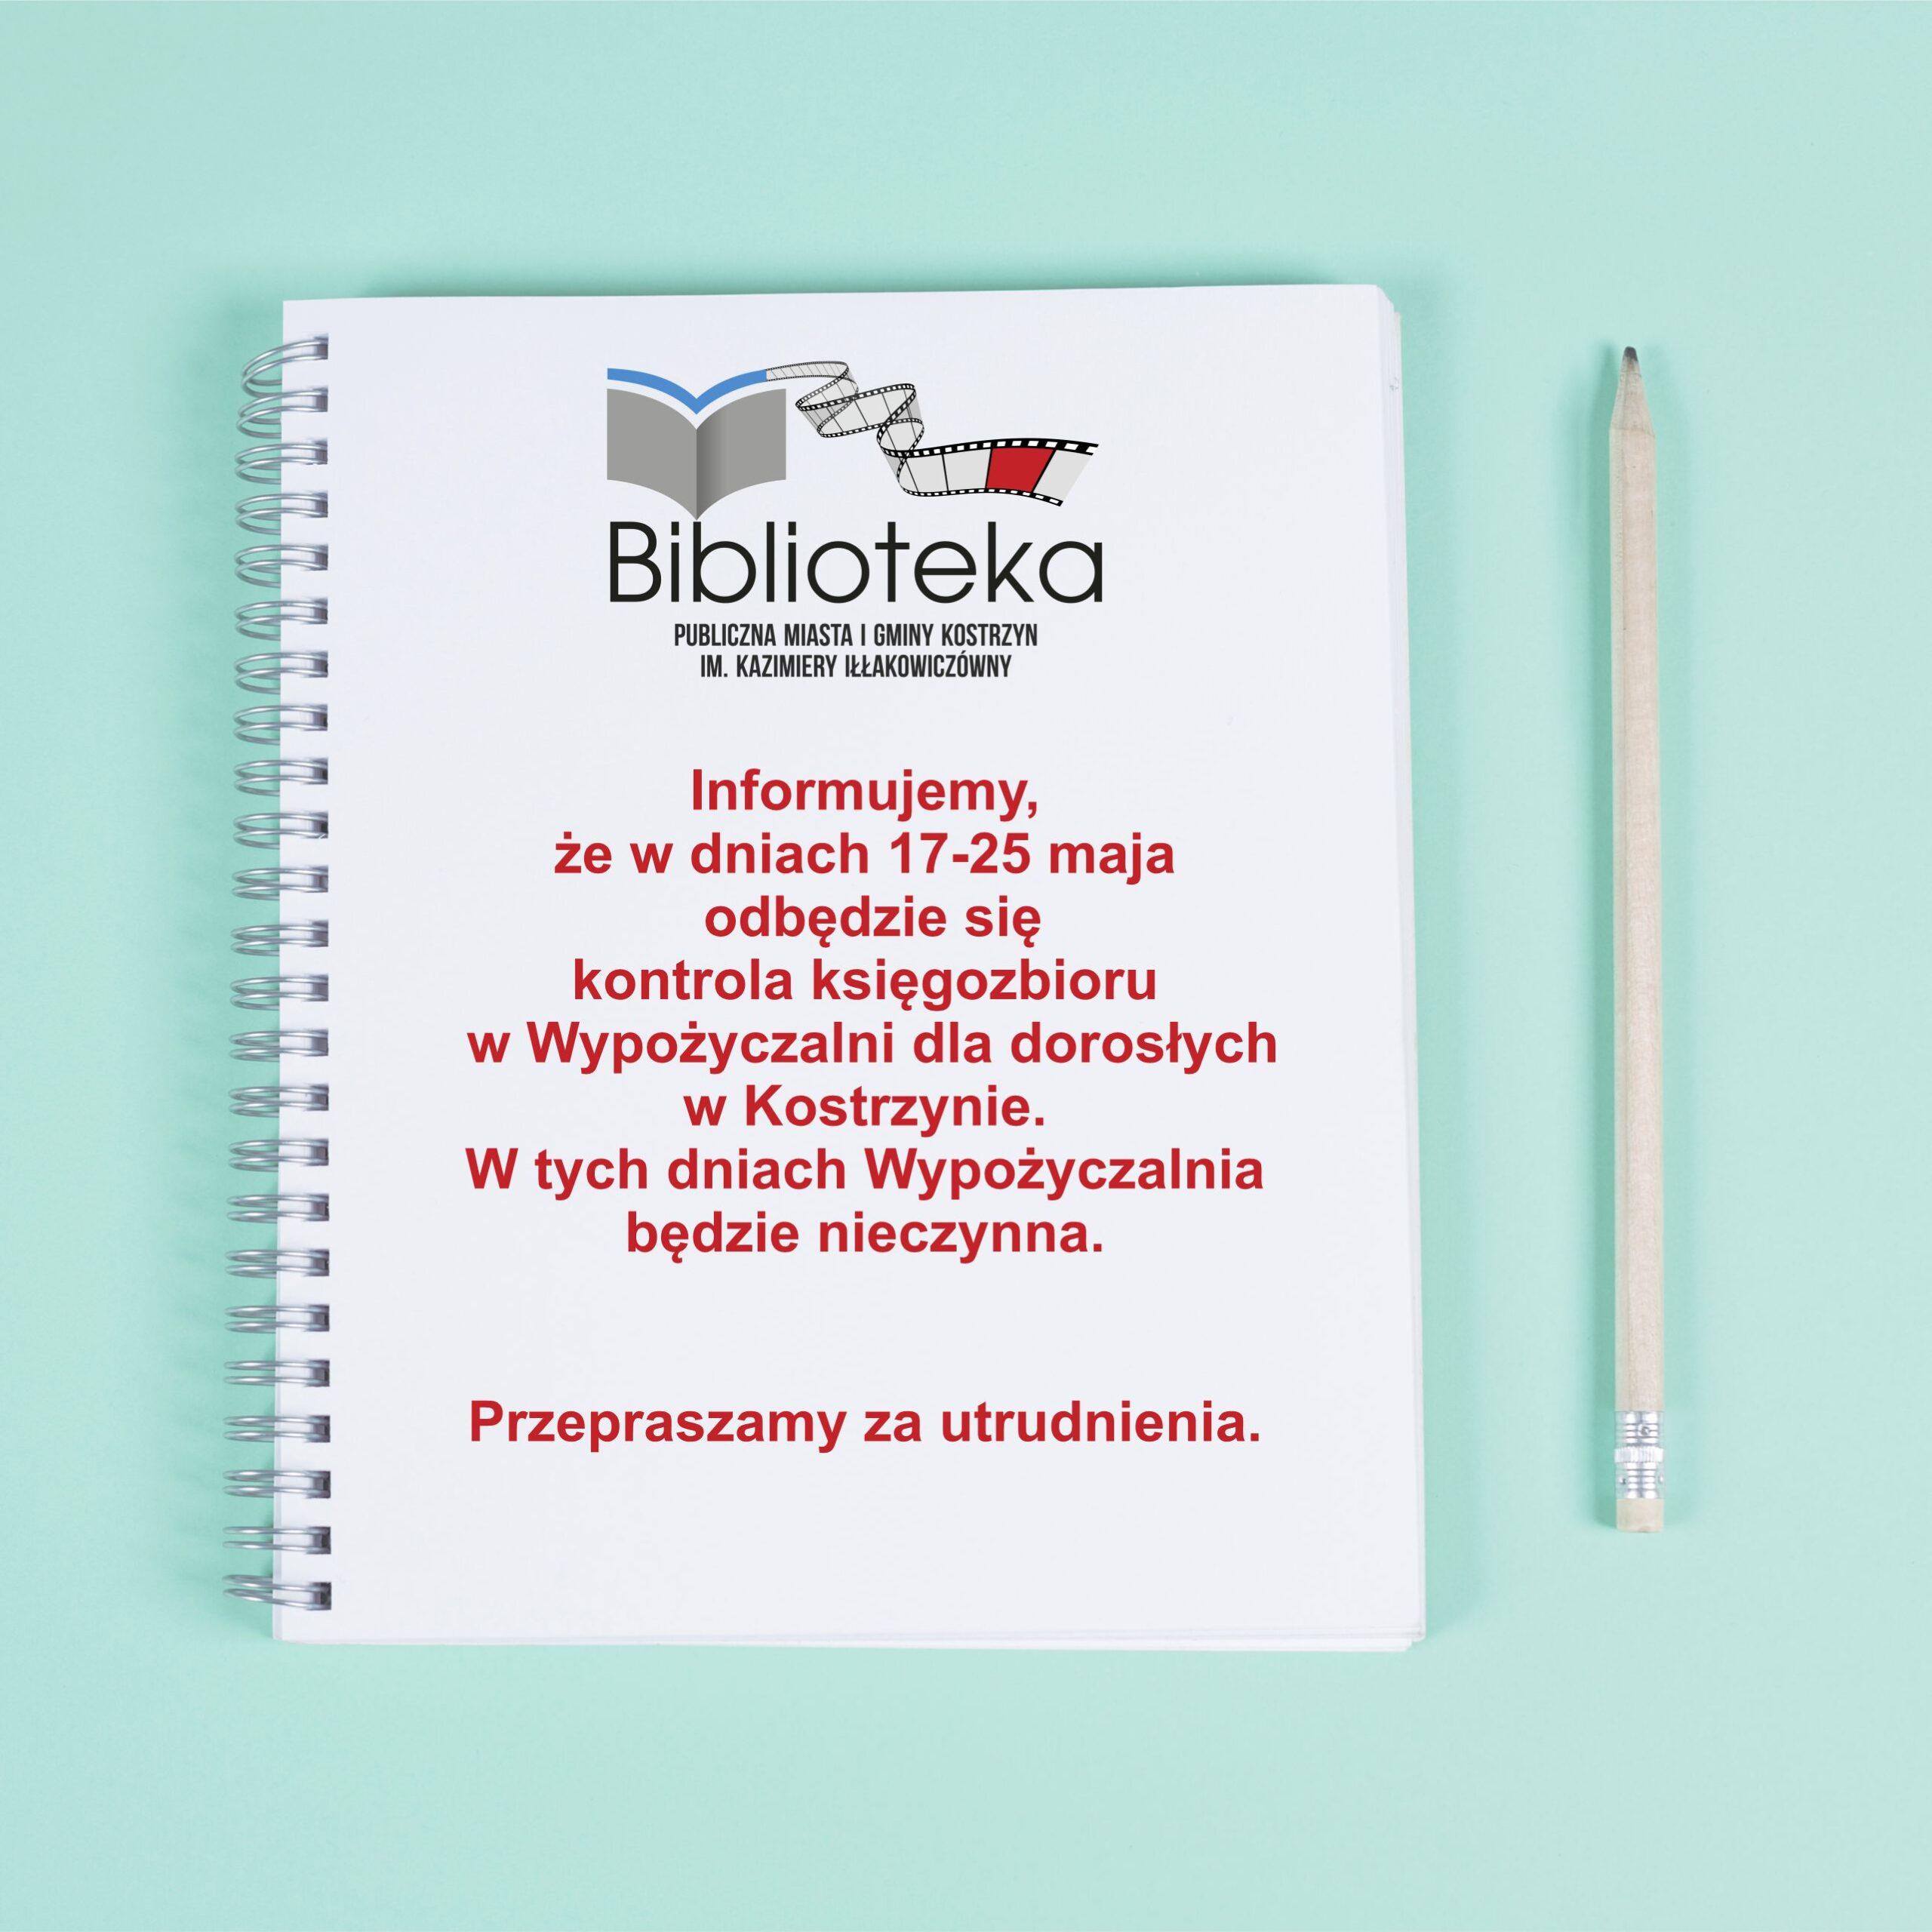 kartka z notesu z informacją o terminie kontroli księgozbioru